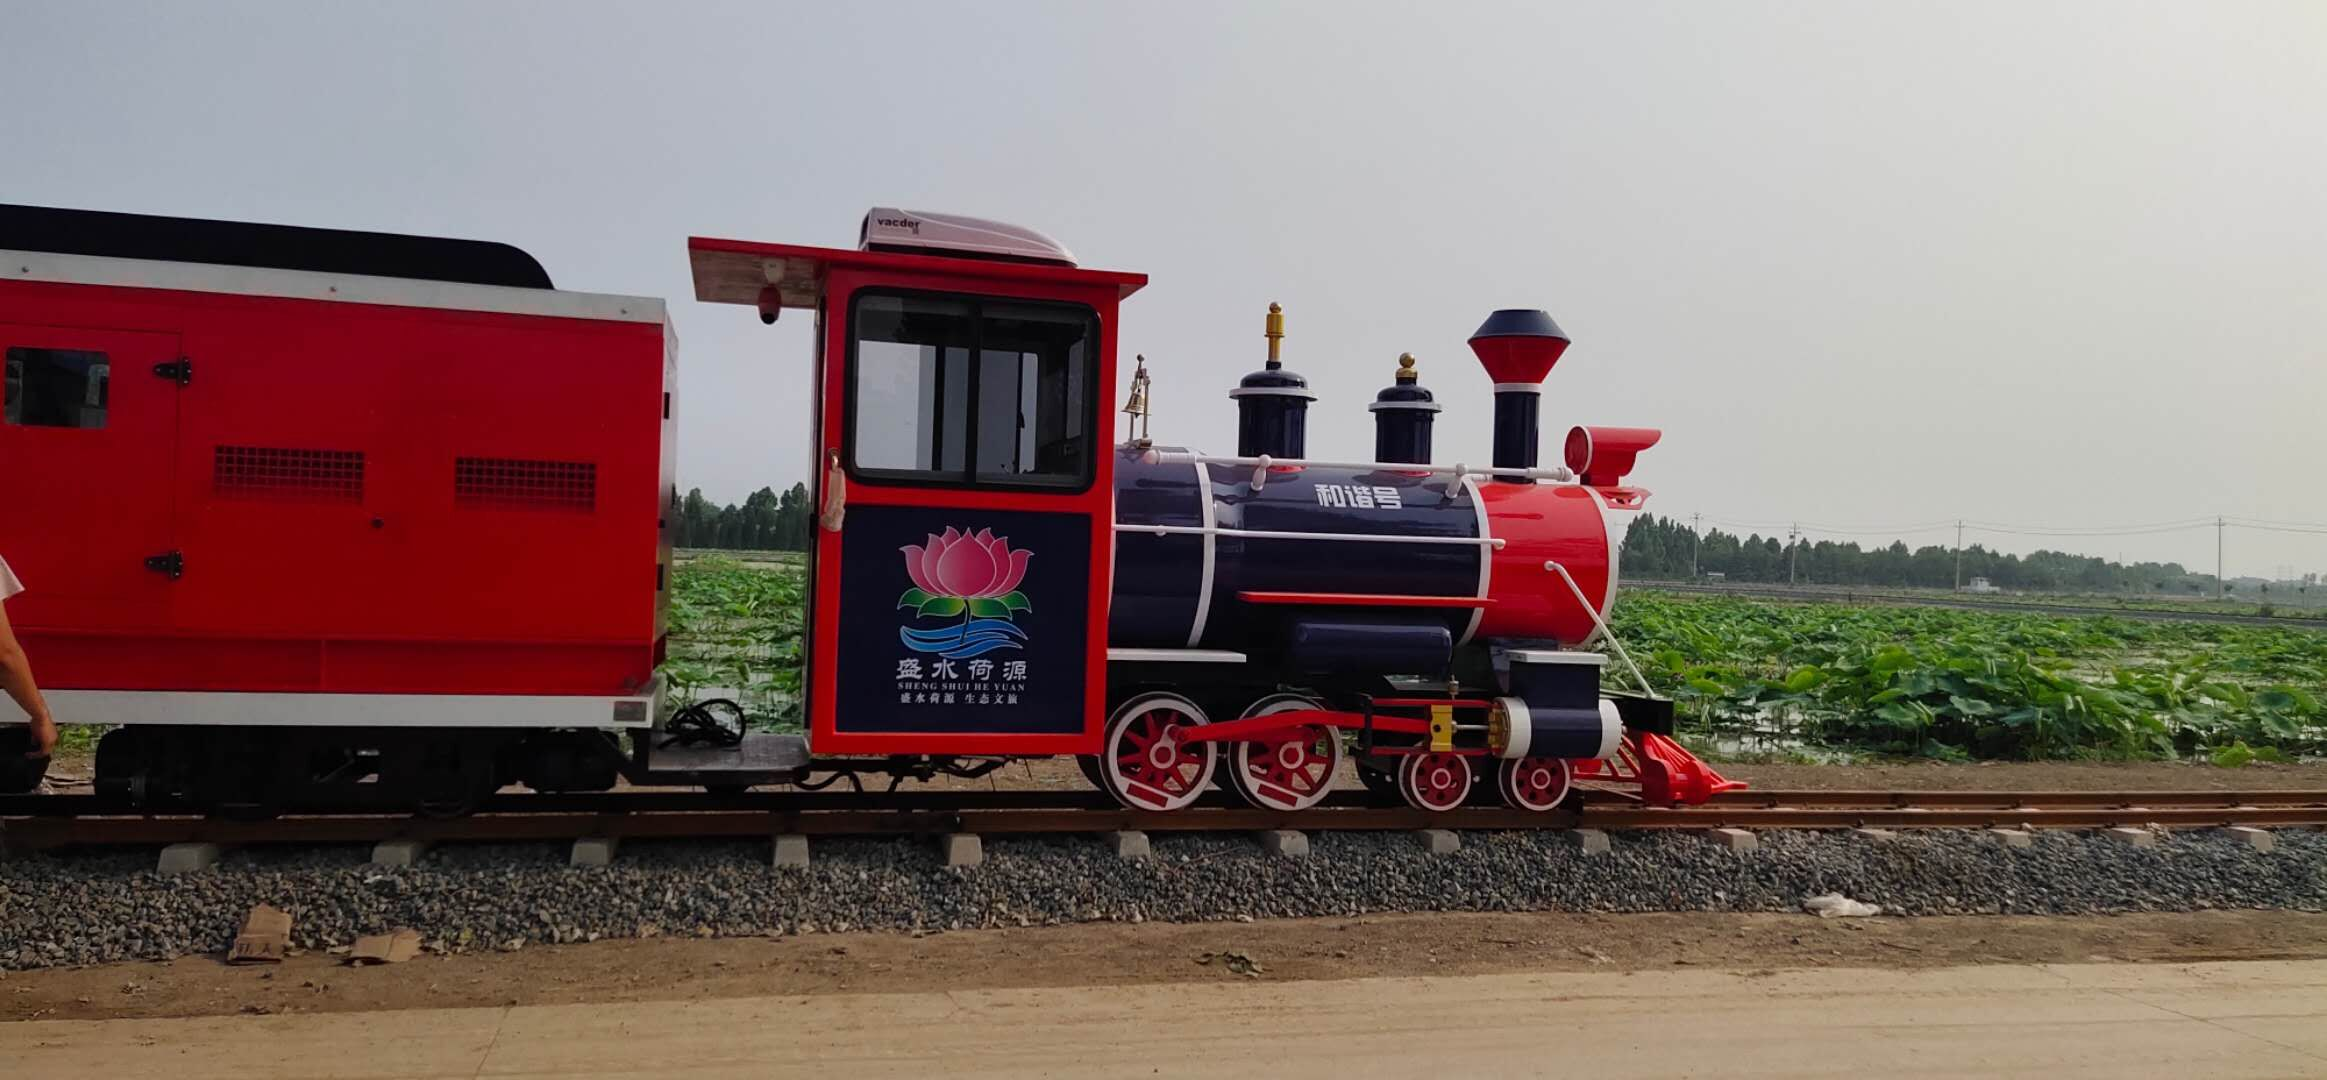 山东淄博盛水荷源里的荷花池中水上网红轨道观光小火车